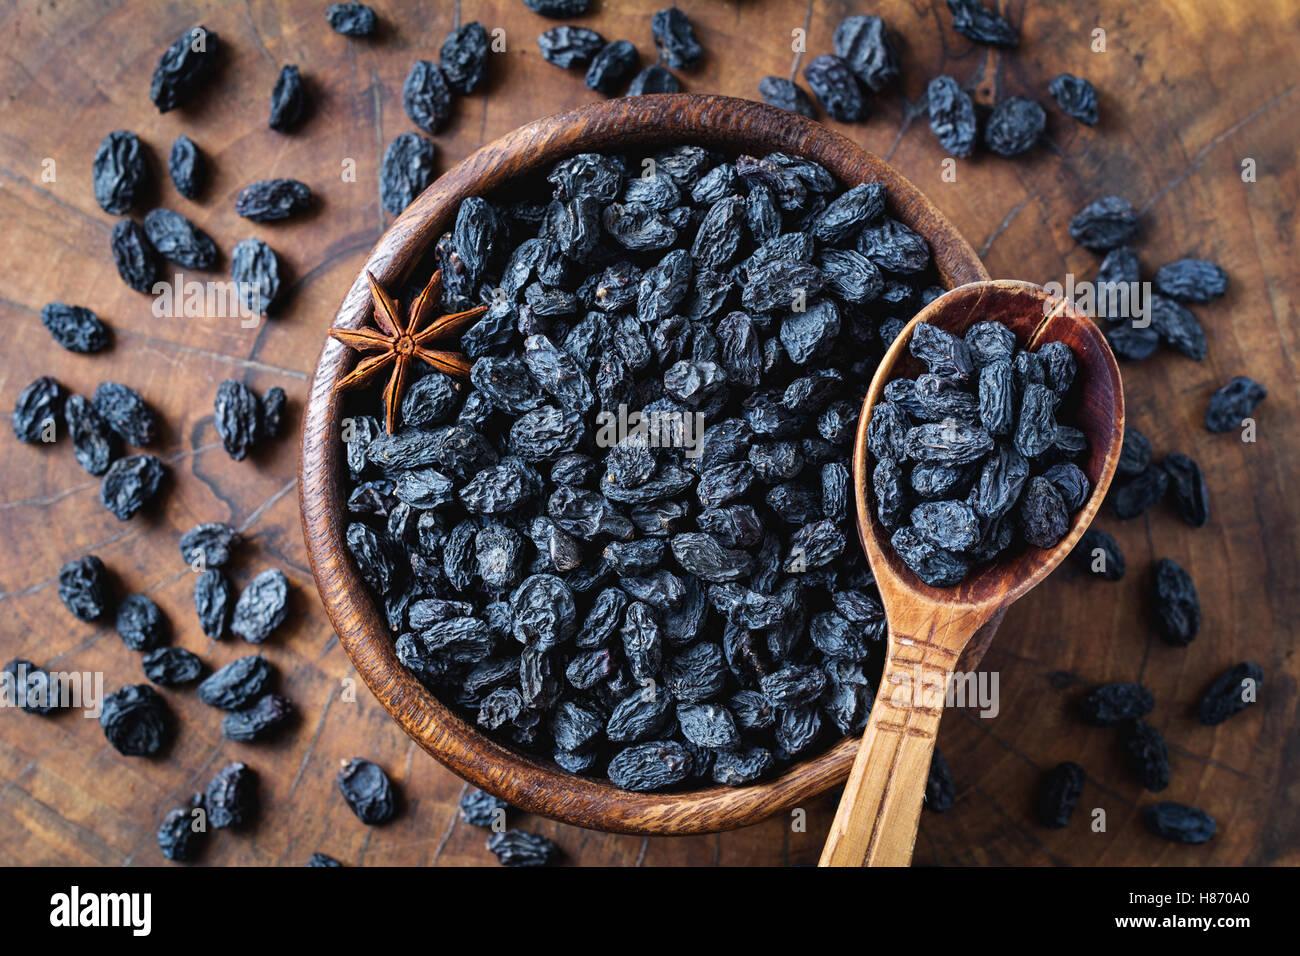 Las Pasas Negras en el tazón de madera vista desde arriba. Refrigerio saludable, producto dietético para Imagen De Stock